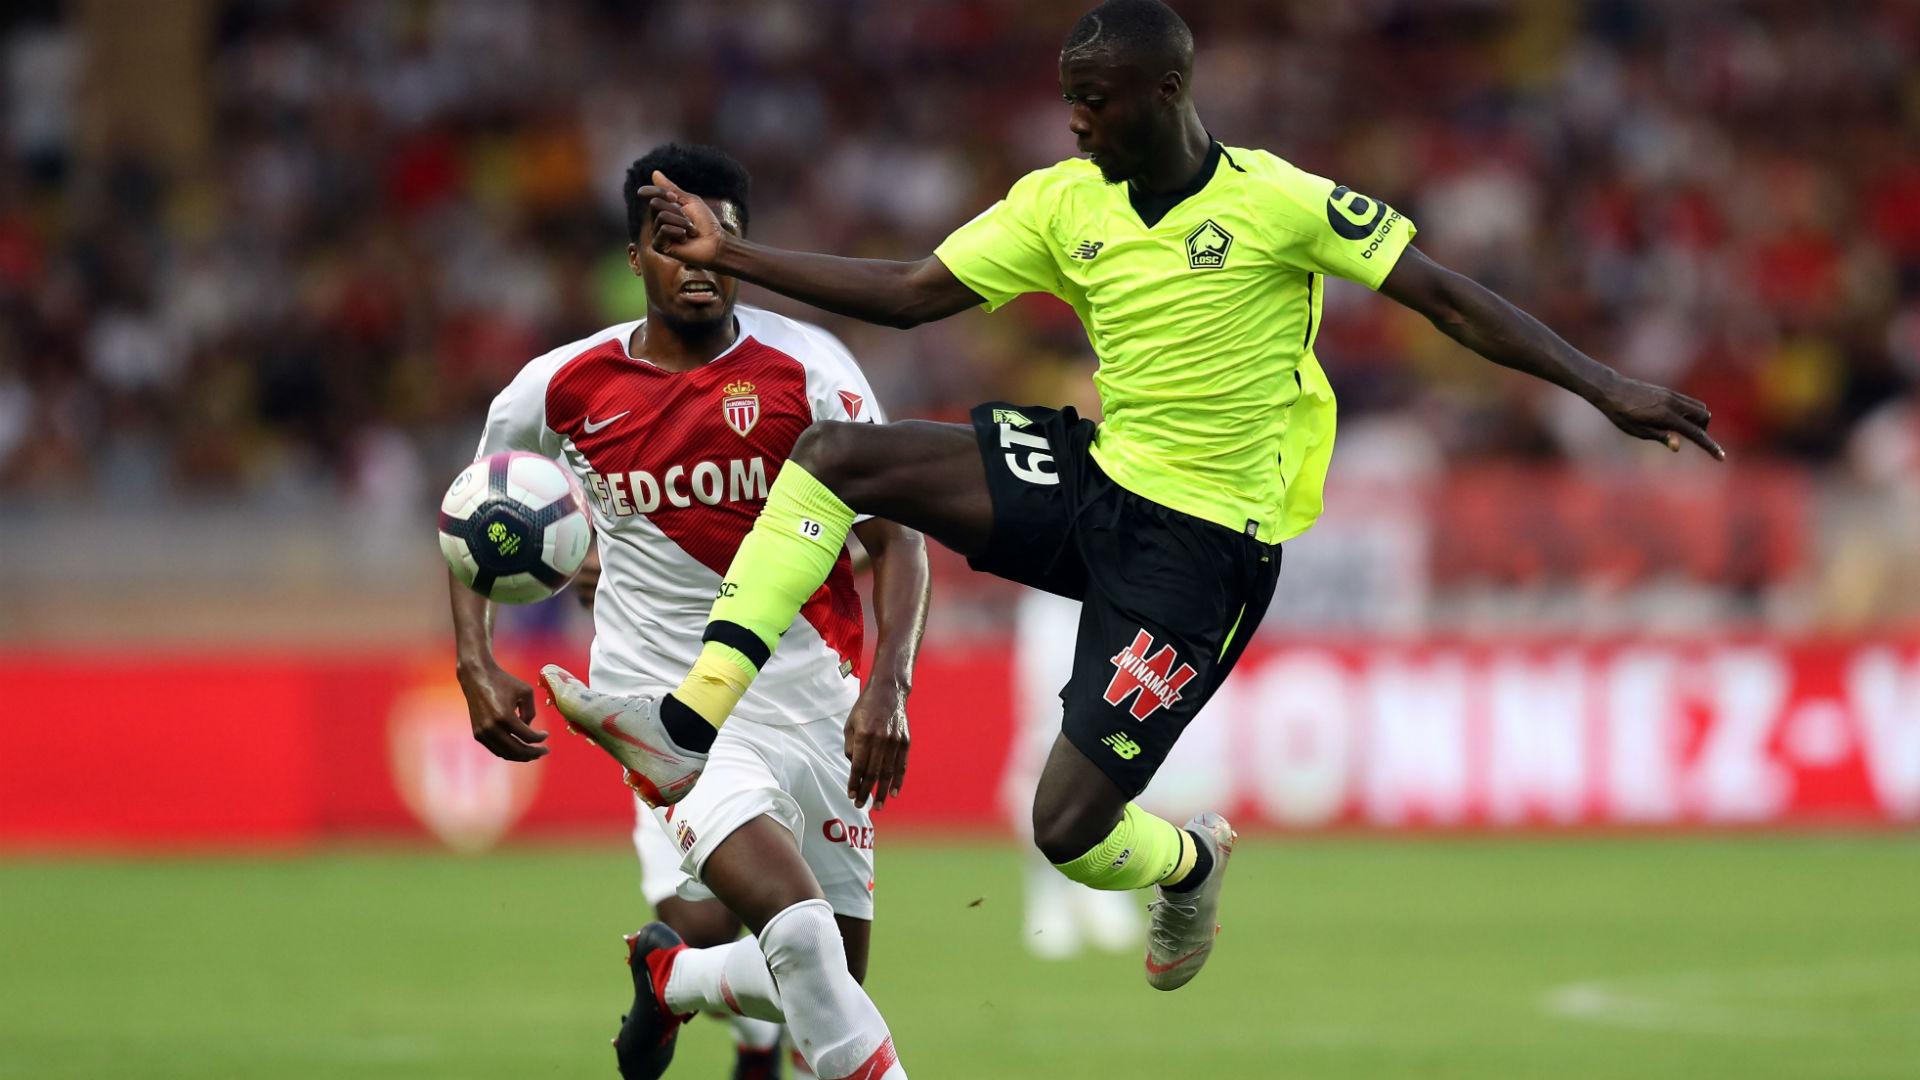 Sous Les Yeux De Di R Deschamps Las Monaco A Ete Tenue En Echec Par Le Losc   Falcao A Manque Un Penalty